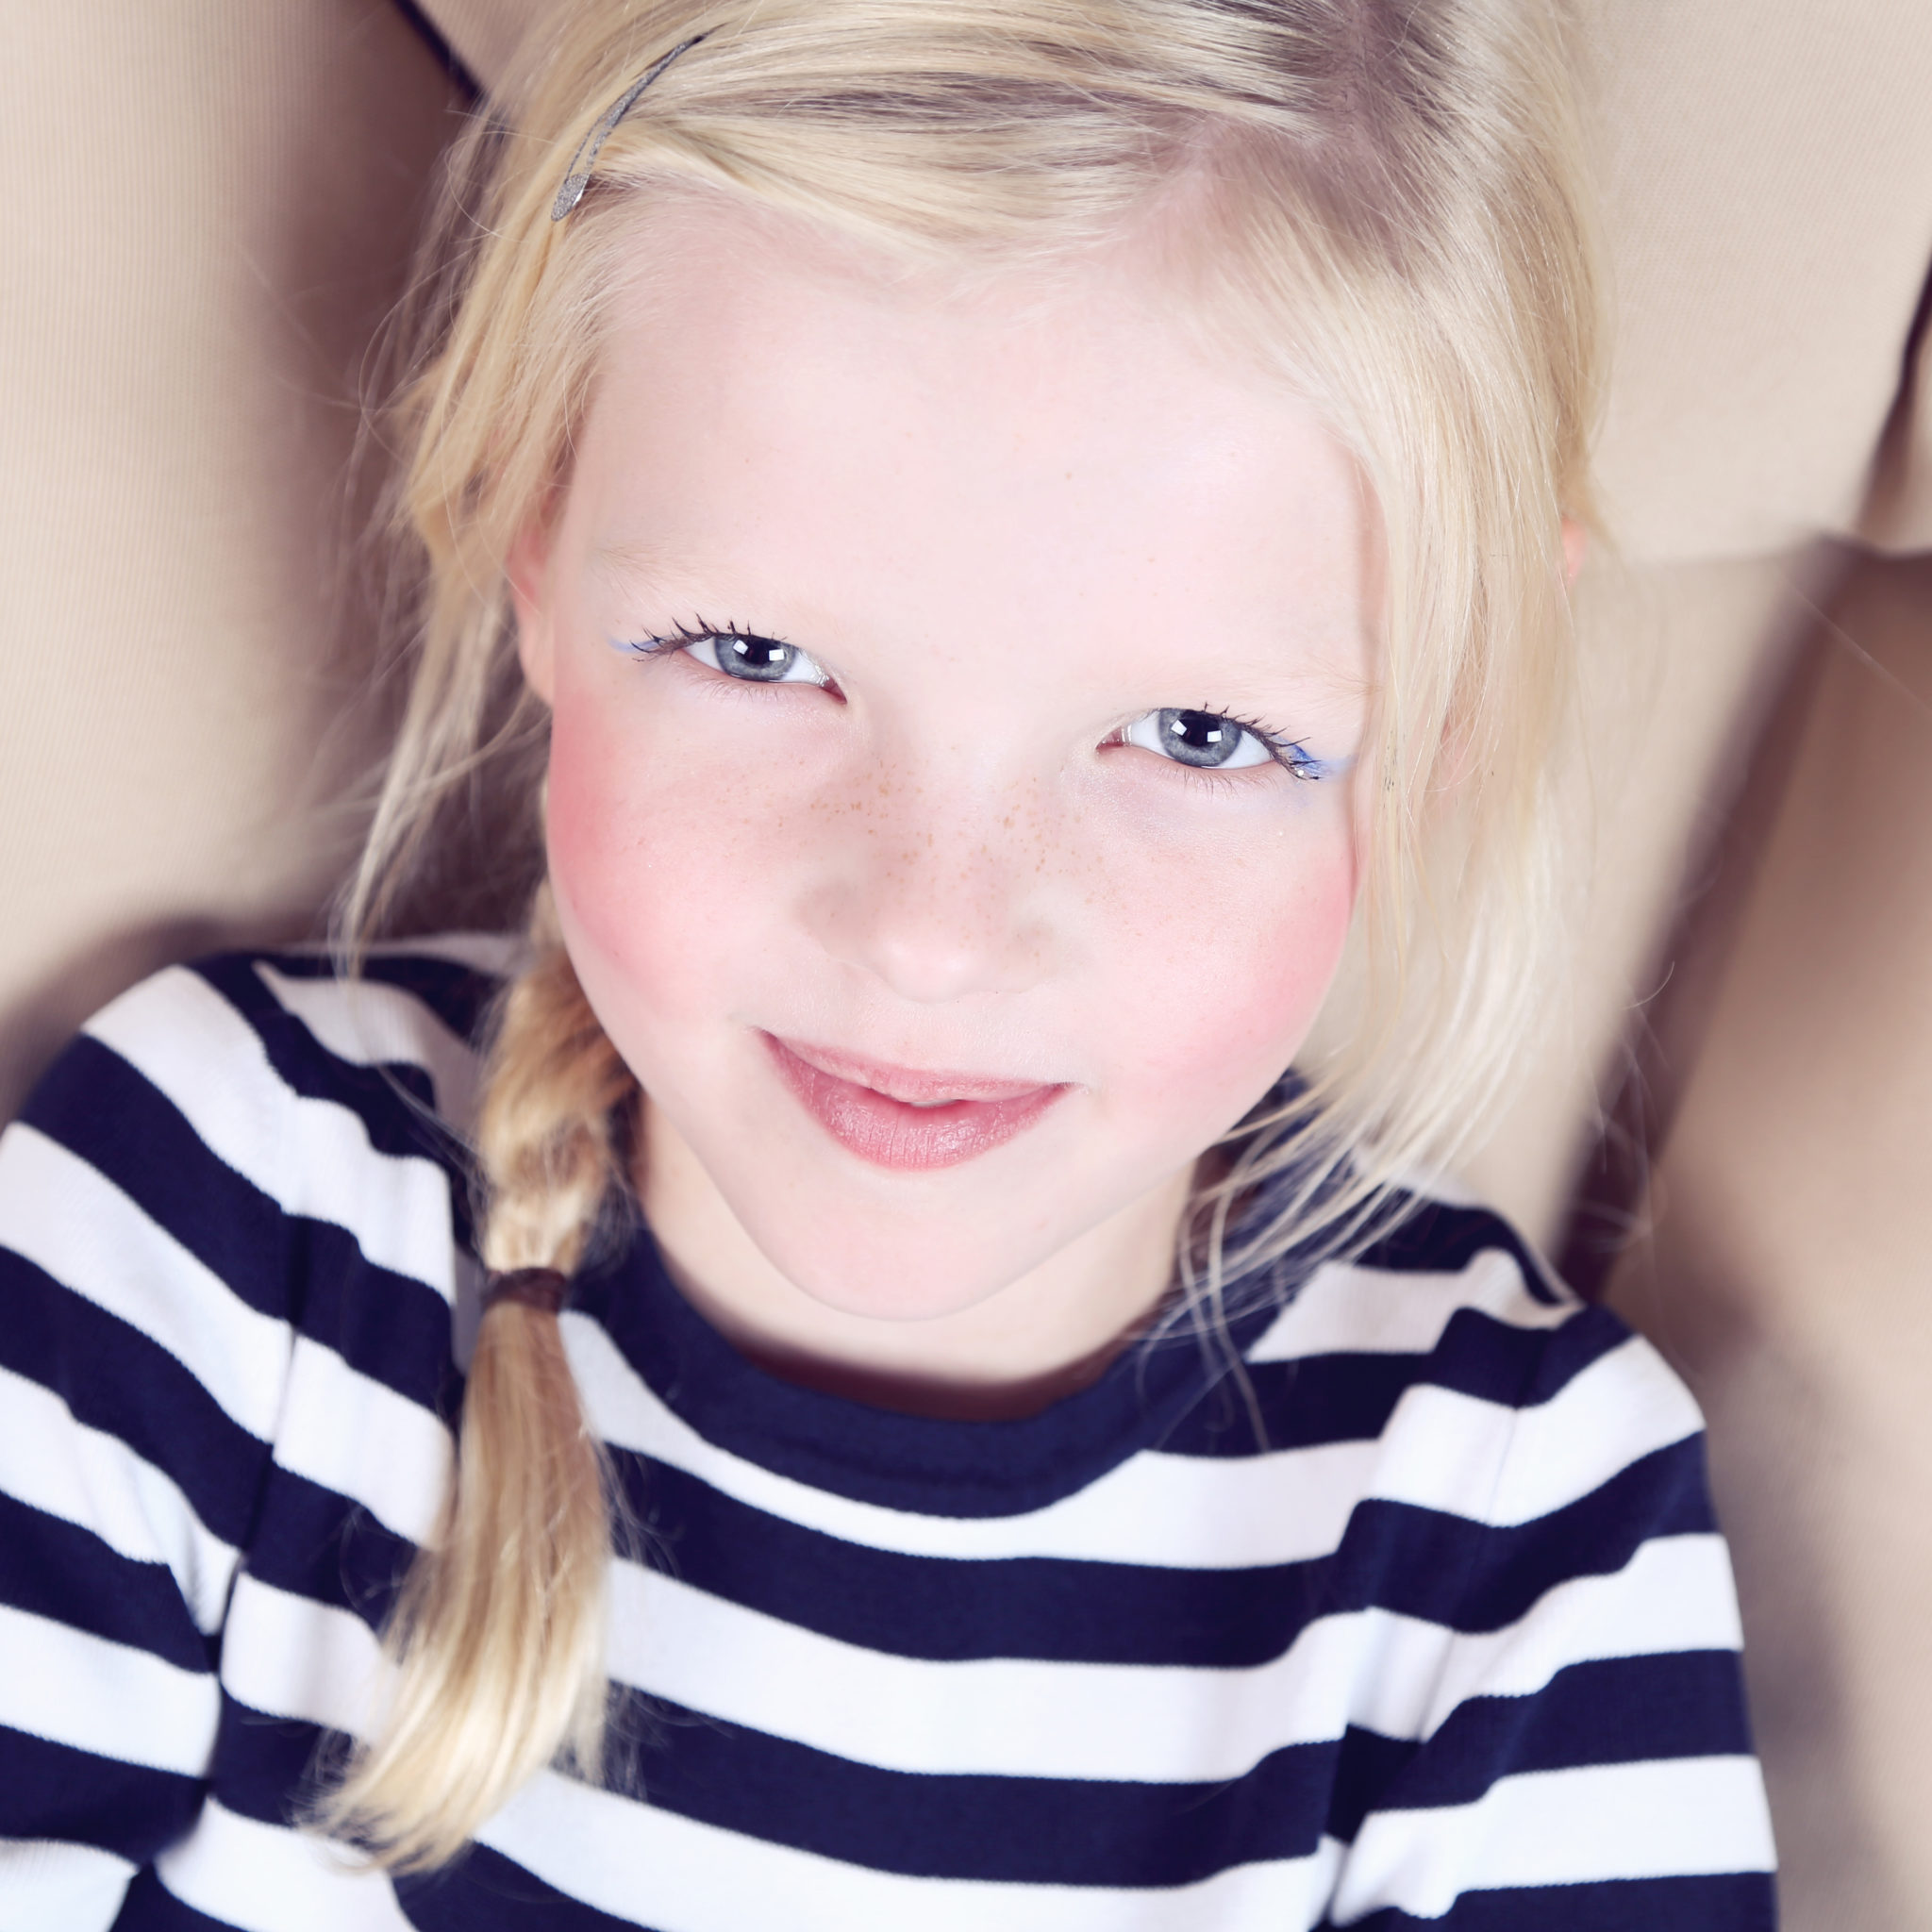 Kinderfeestje - Suus' FotoSjop - Fotoshoot - Goedkoop - Oldenzaal - Hengelo - Enschede